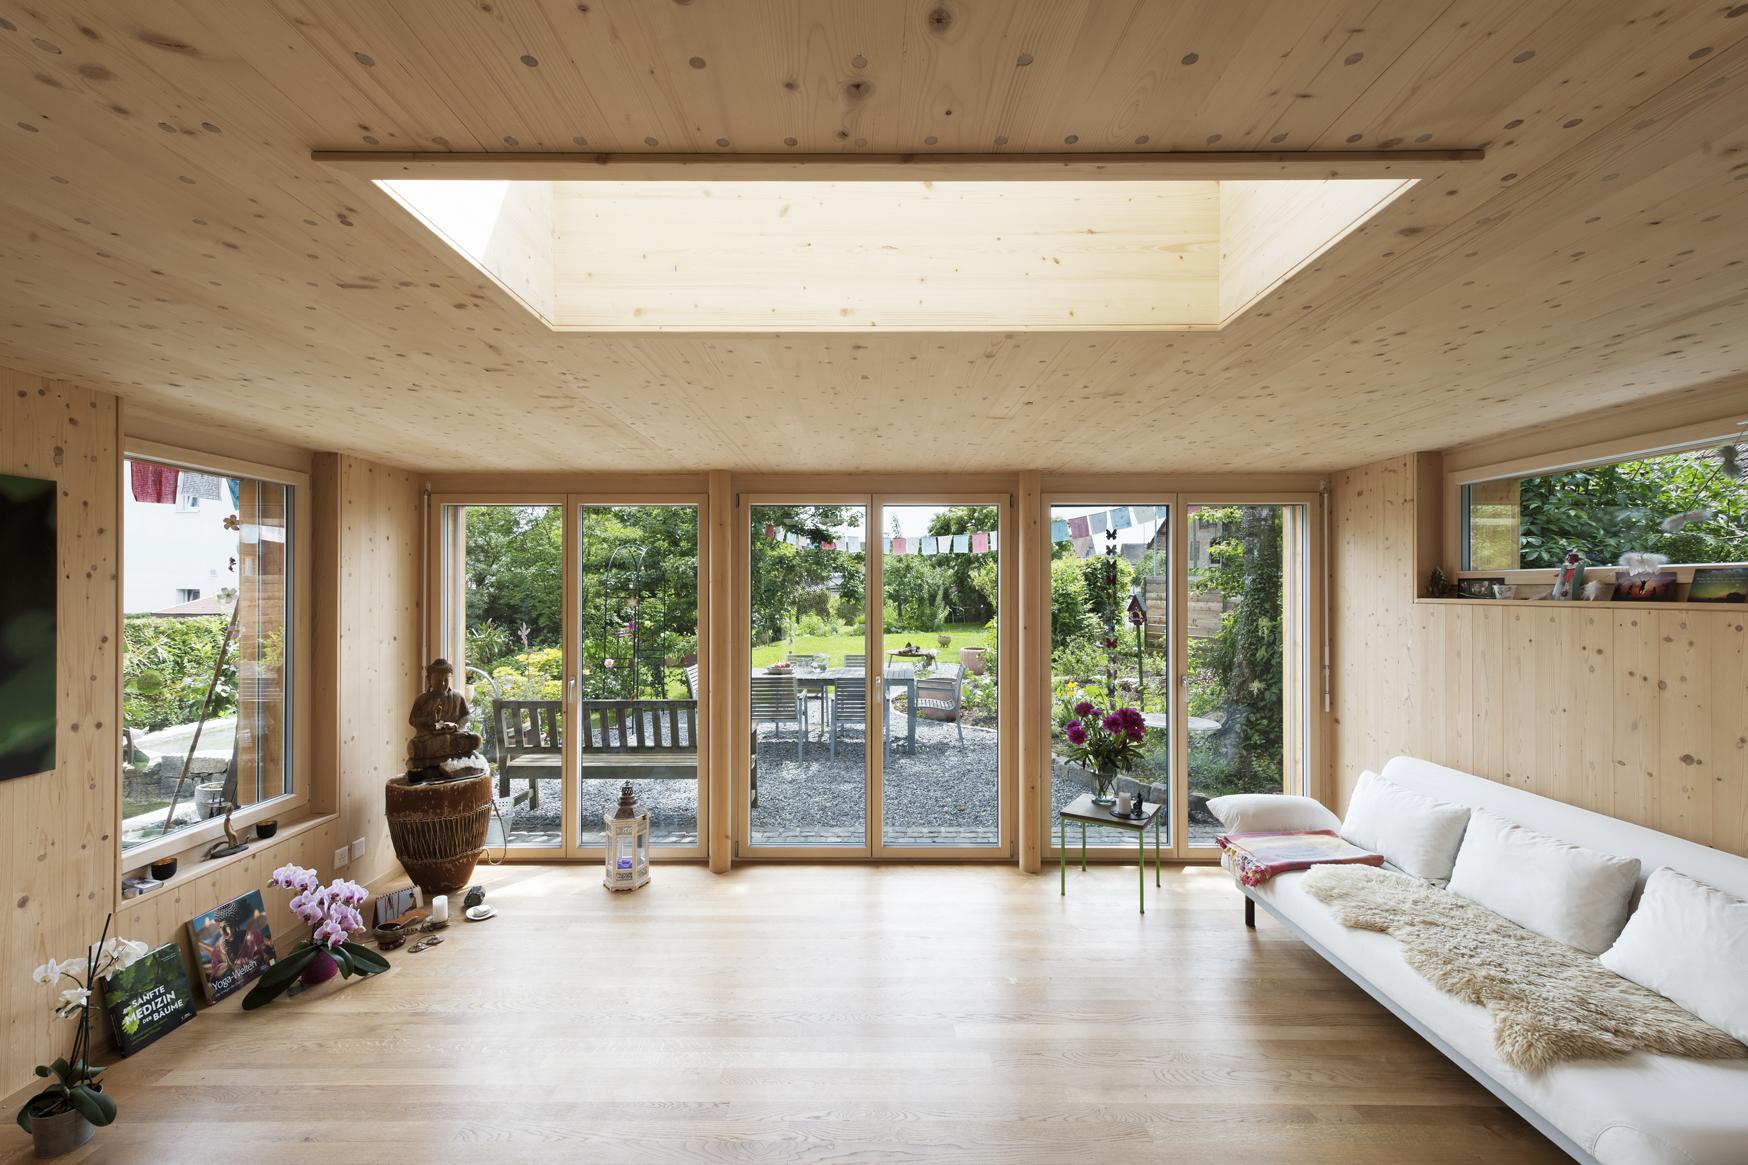 F jud architektur ag dienstleistungen dienstleistungen for Japanische architektur holz